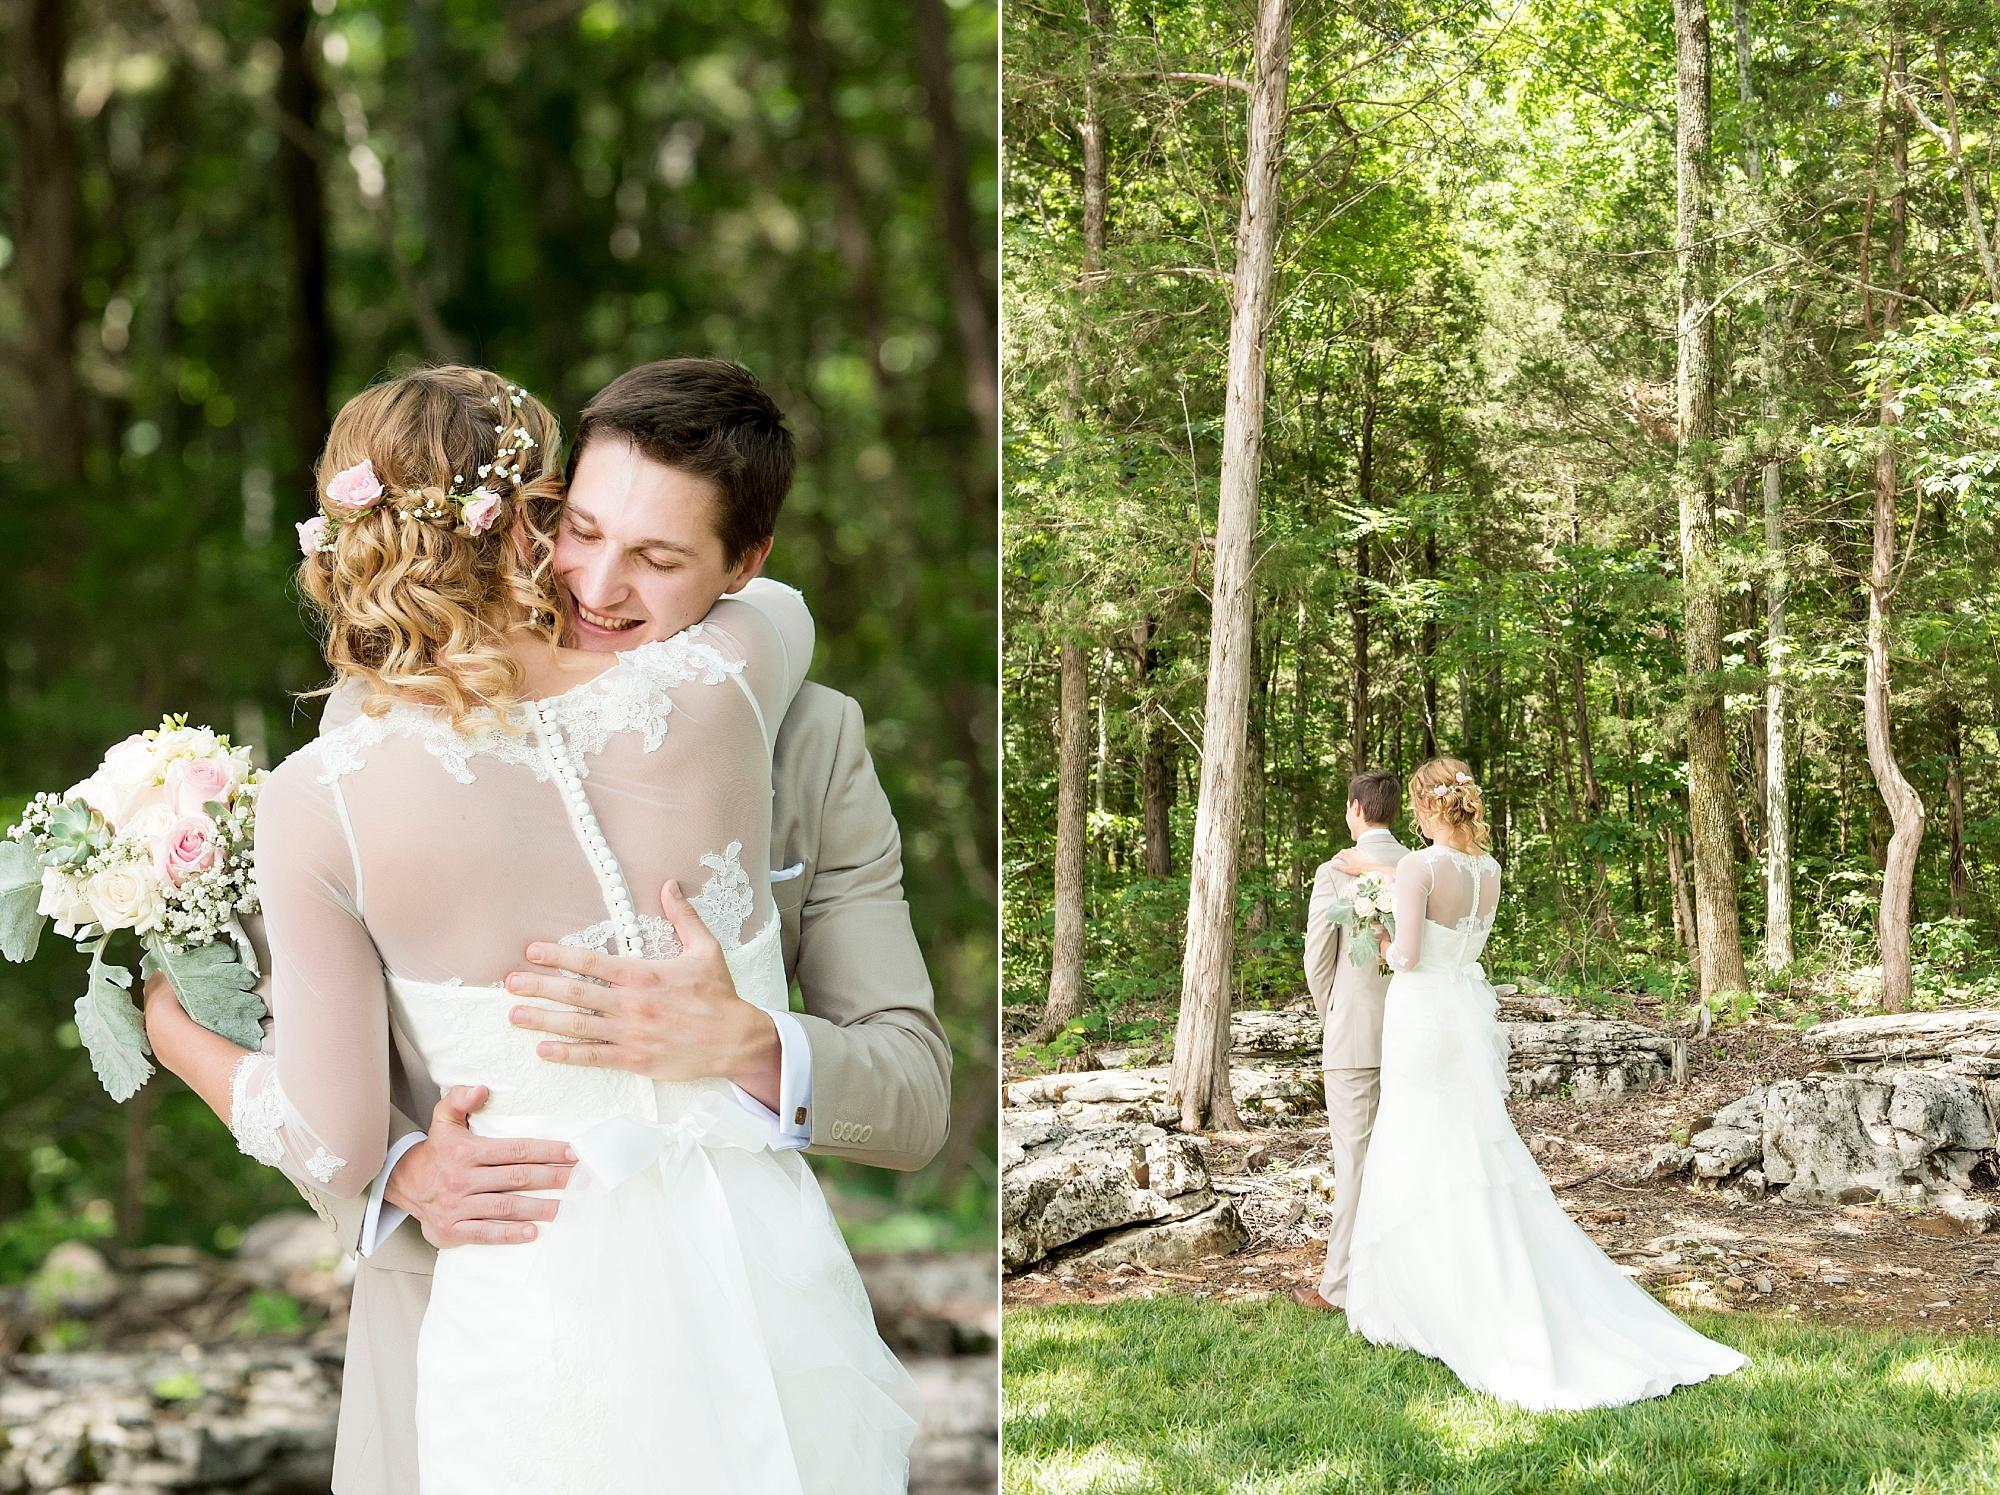 wedding dresses murfreesboro tn photo - 1